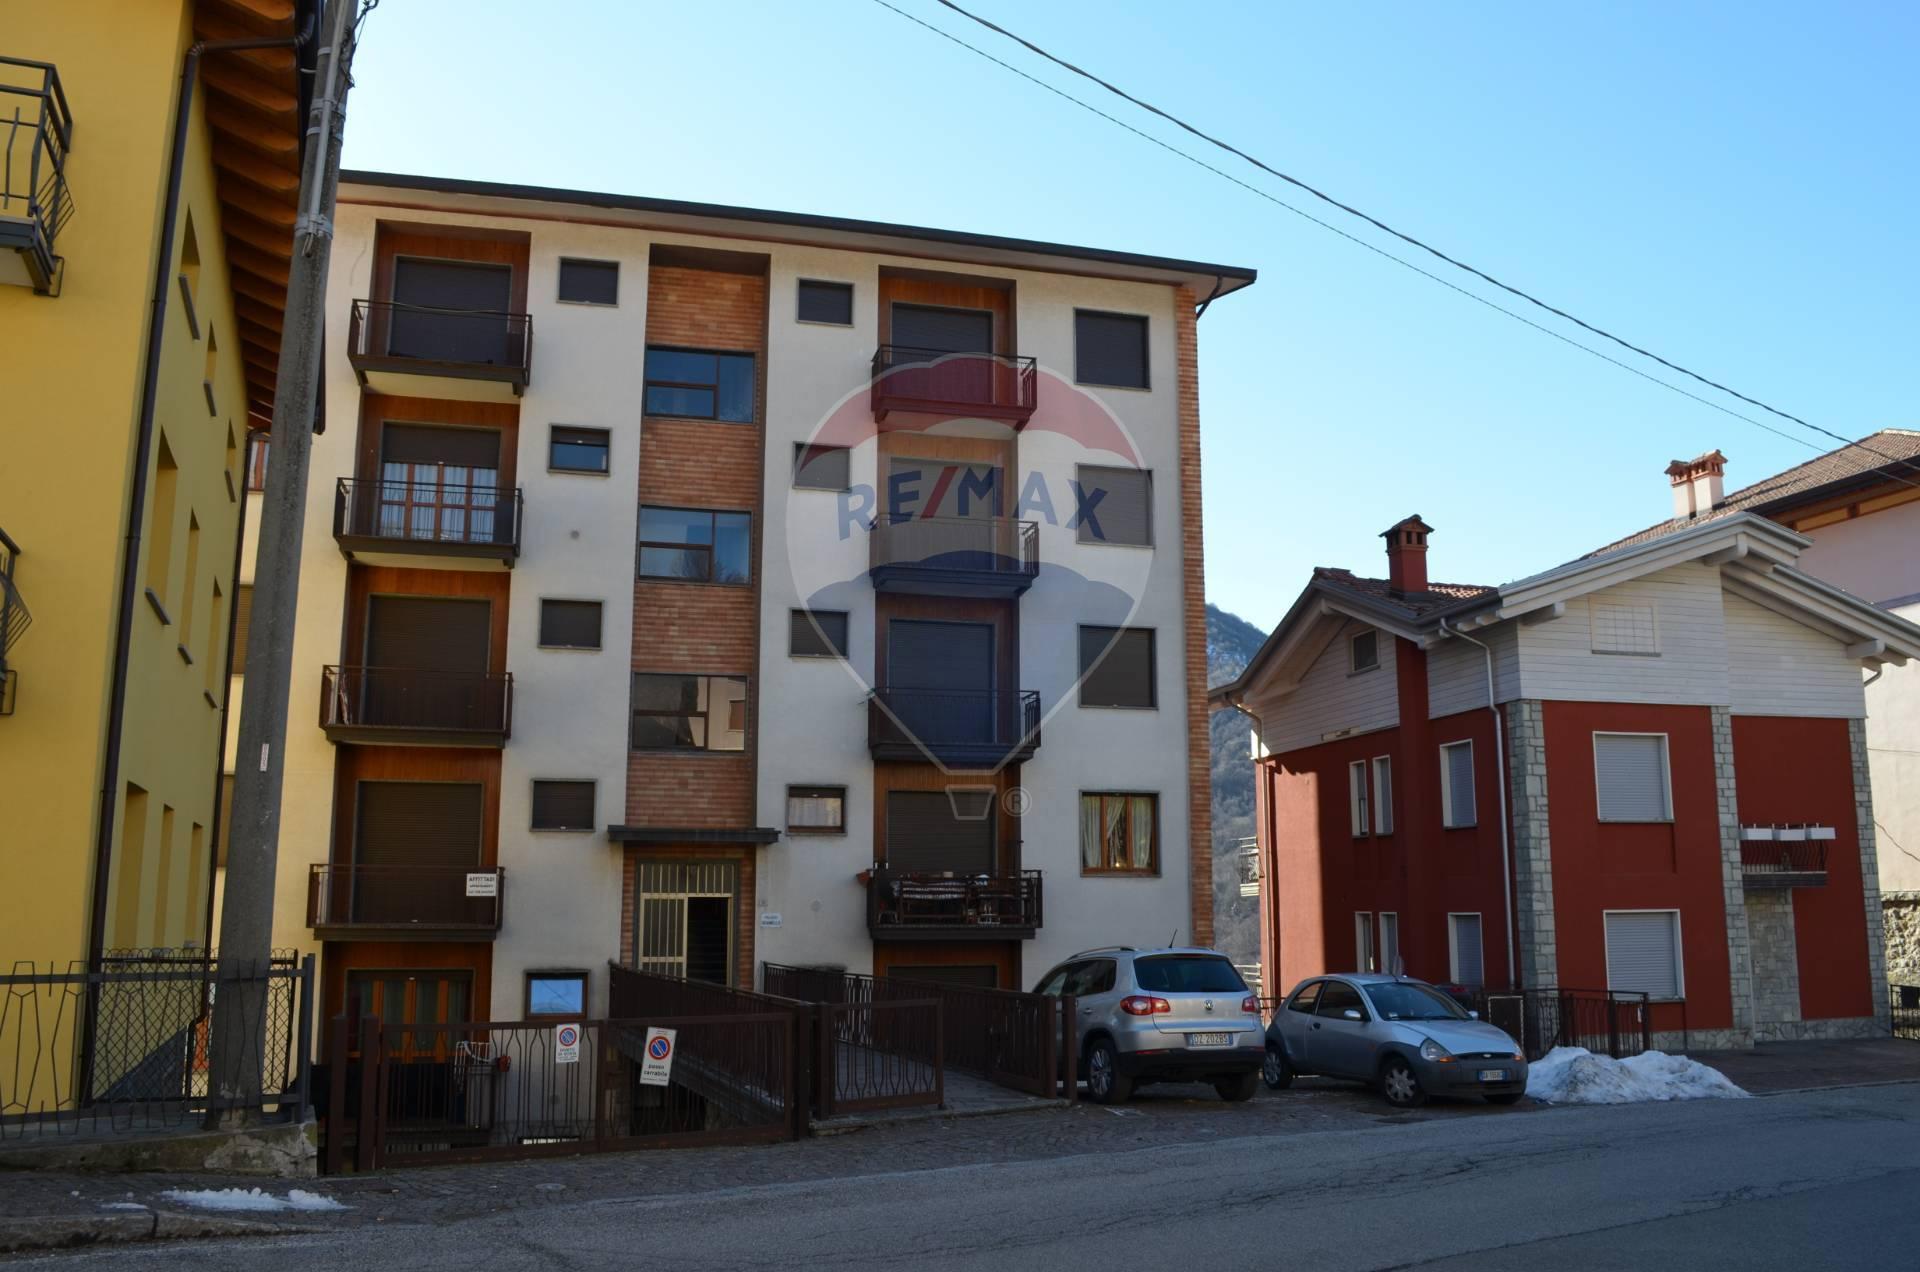 Appartamento in vendita a Esino Lario, 3 locali, prezzo € 42.000 | CambioCasa.it